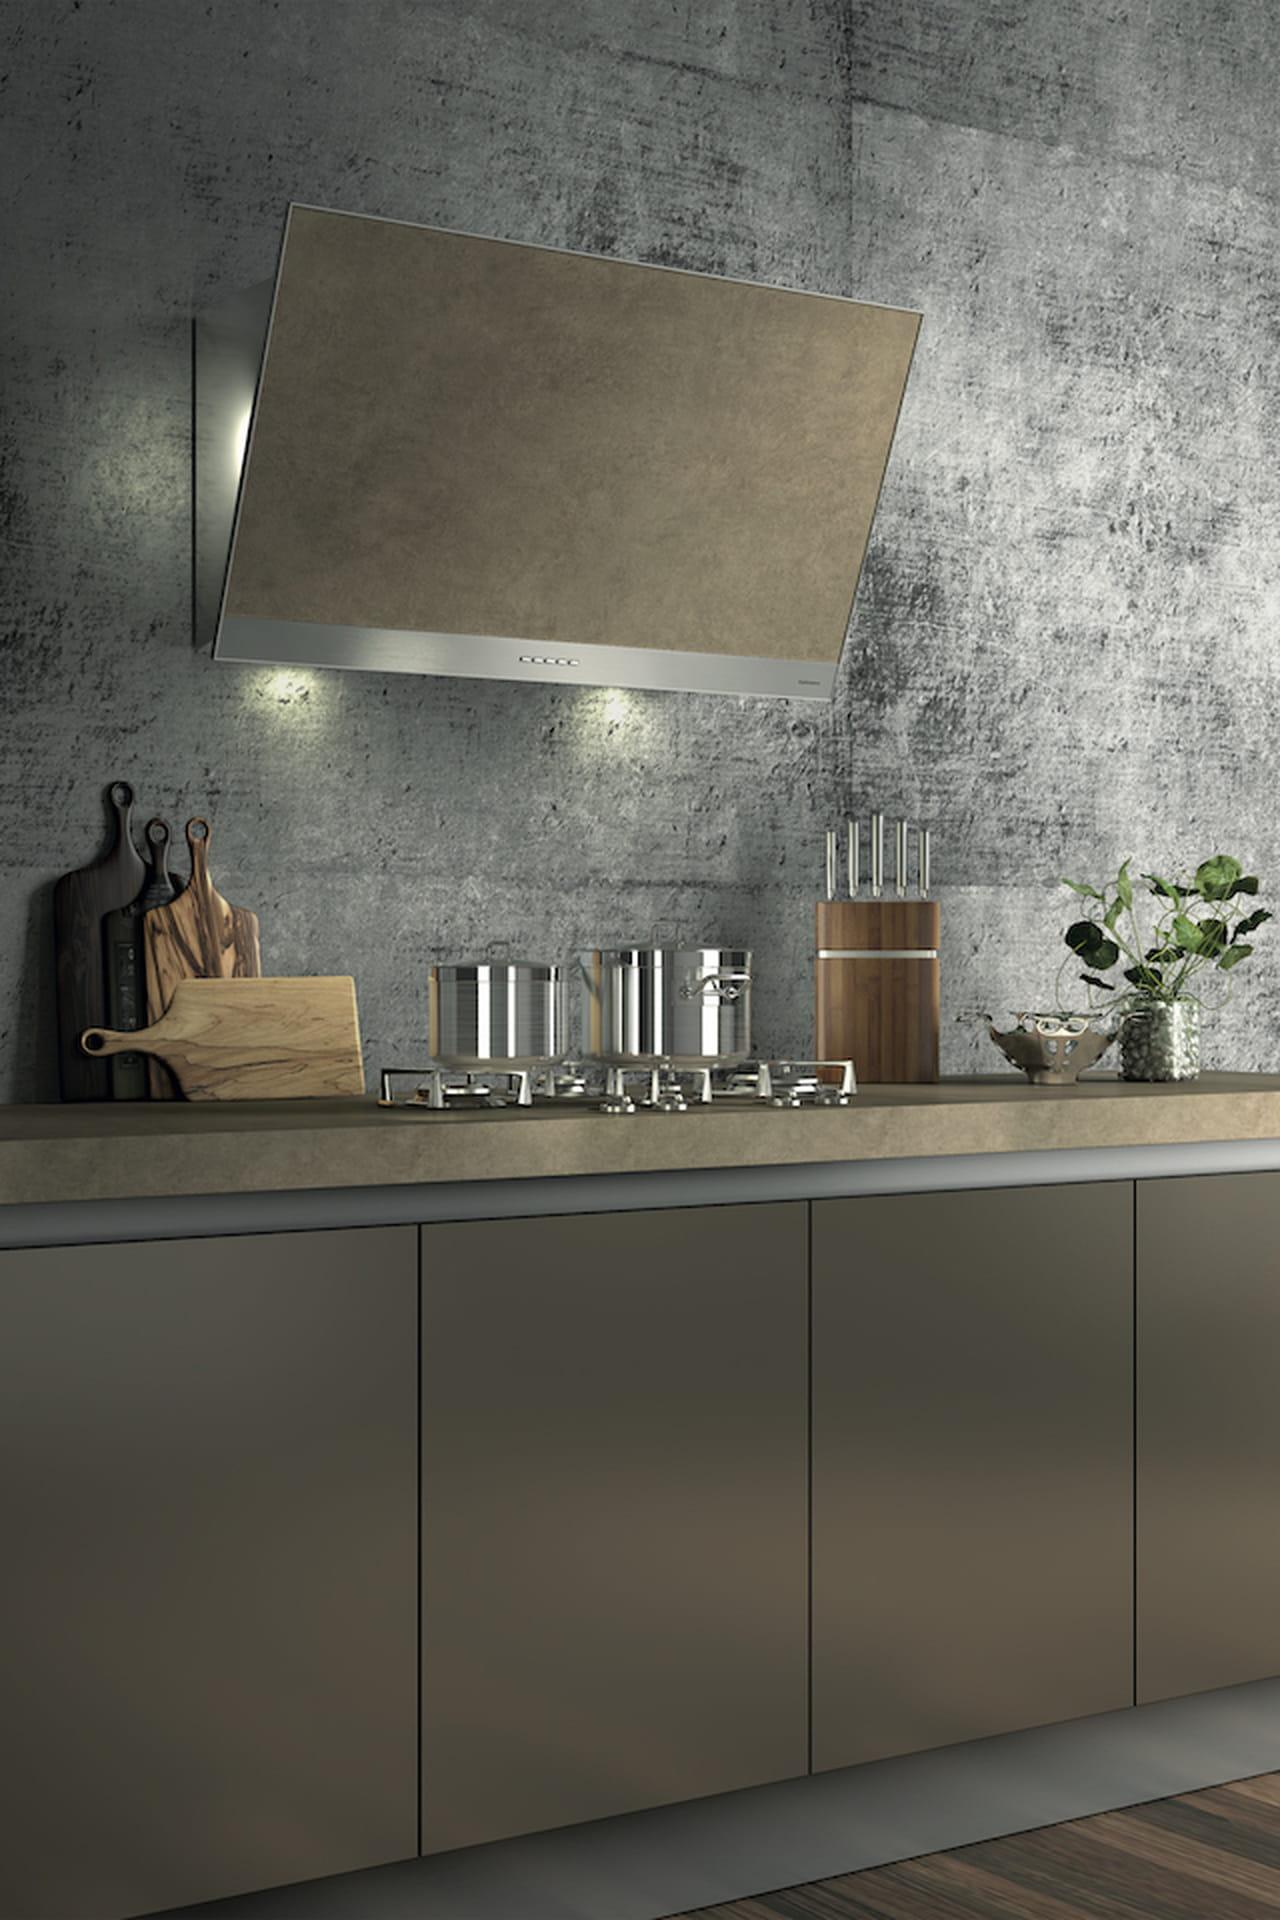 Bagno Design Cantù : Pannelli decorativi per pareti interne rivestimenti ad hoc